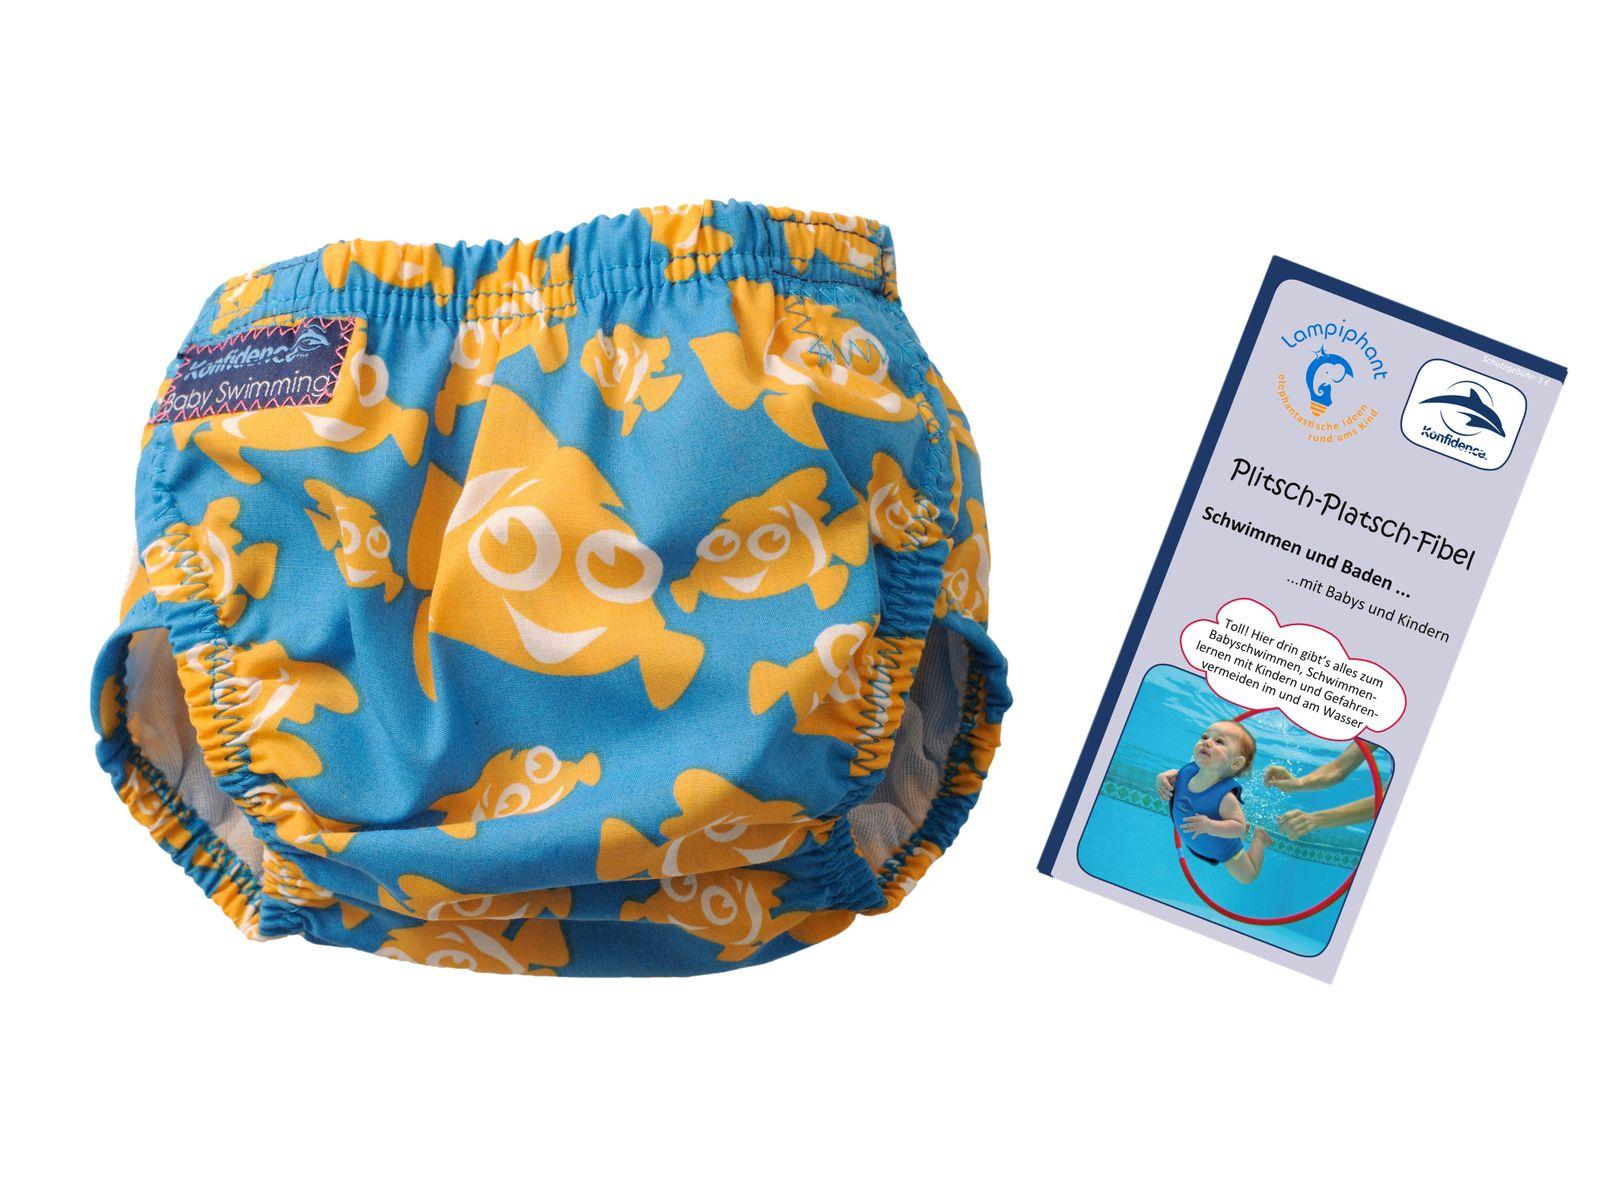 Konfidence Schwimmwindel mit umfangreichem Babyschwimmratgeber (passt von 3 Monate bis 3 Jahre) – Bild 2